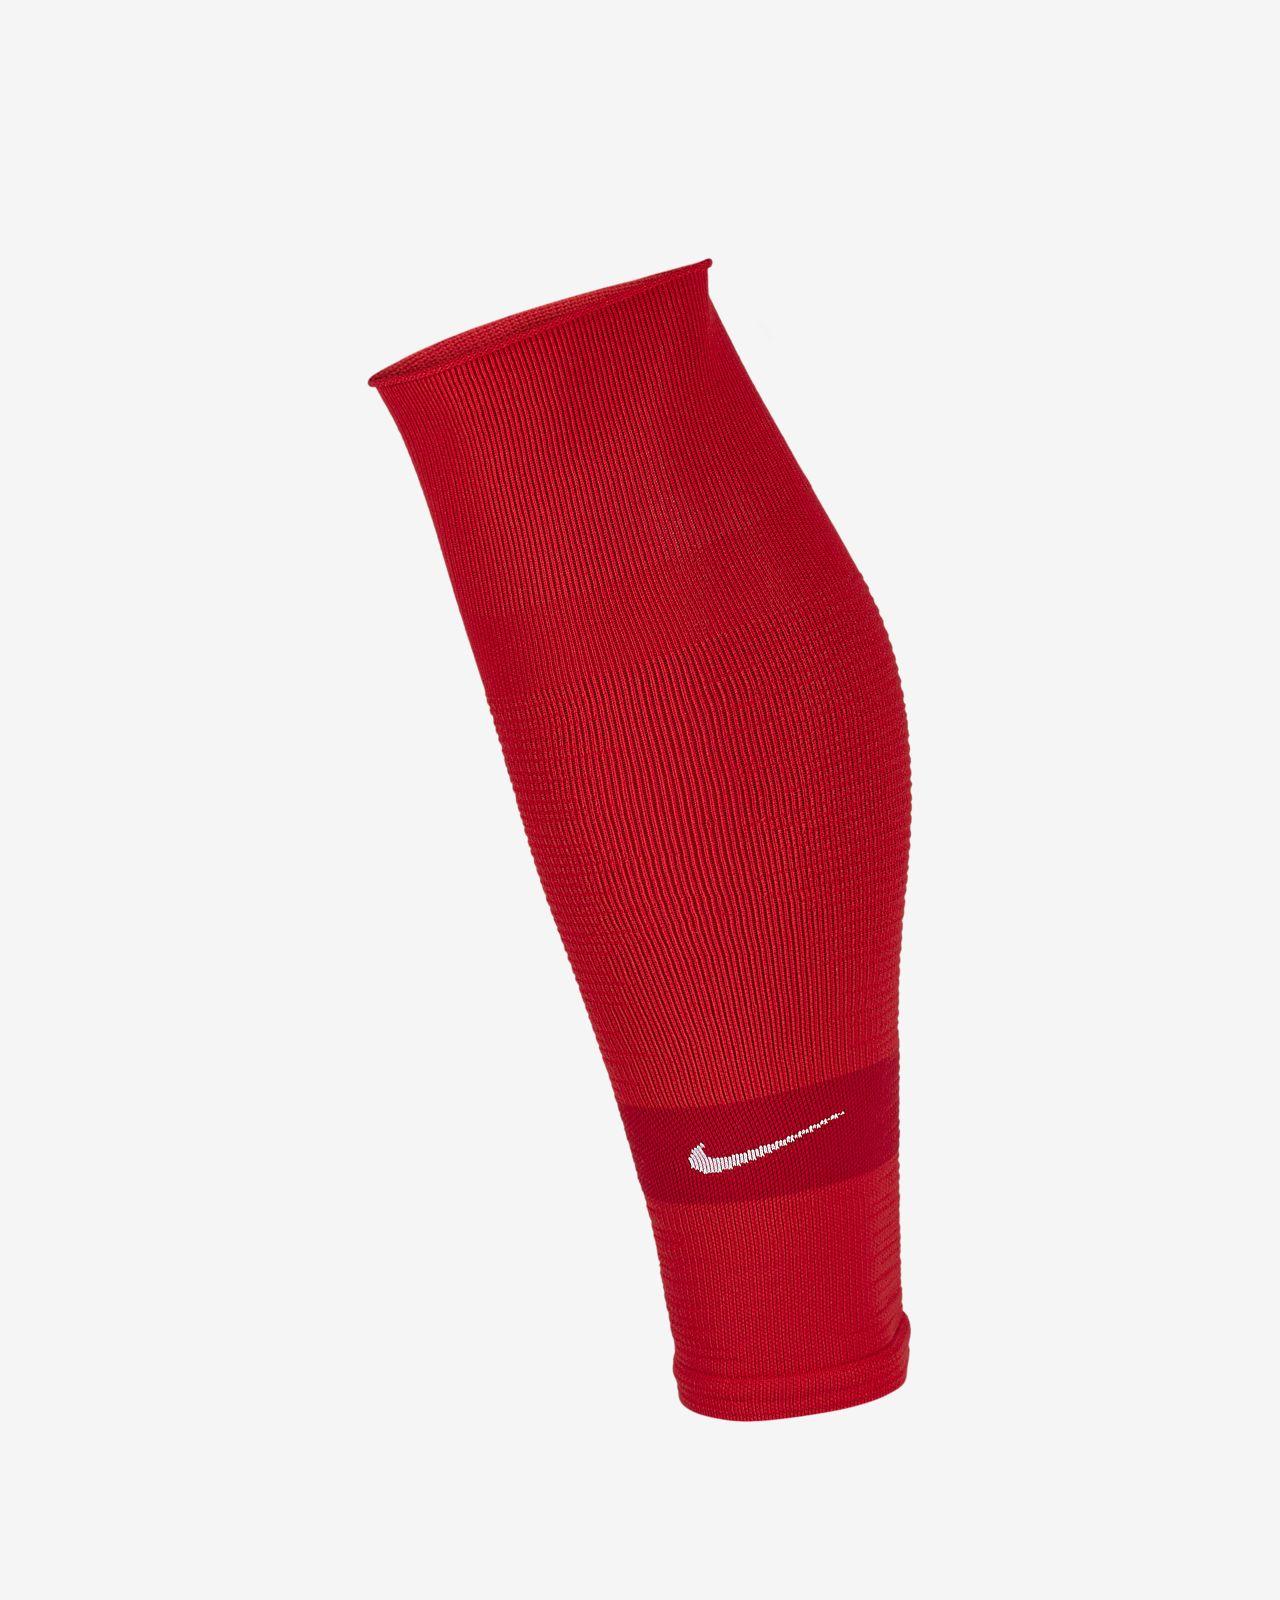 Nike Strike futballsportszár